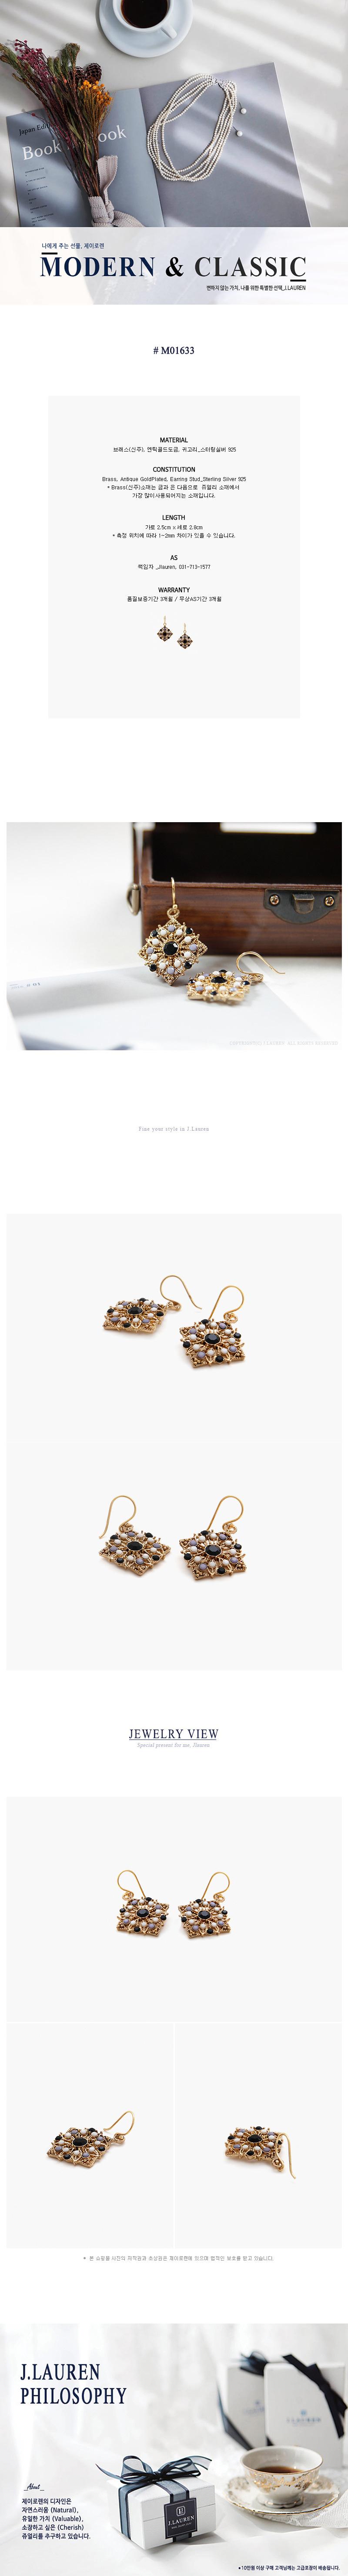 제이로렌 M01633 배색 애나멜 에스닉한 고리귀걸이 - 바이데이지, 24,000원, 골드, 볼/미니귀걸이